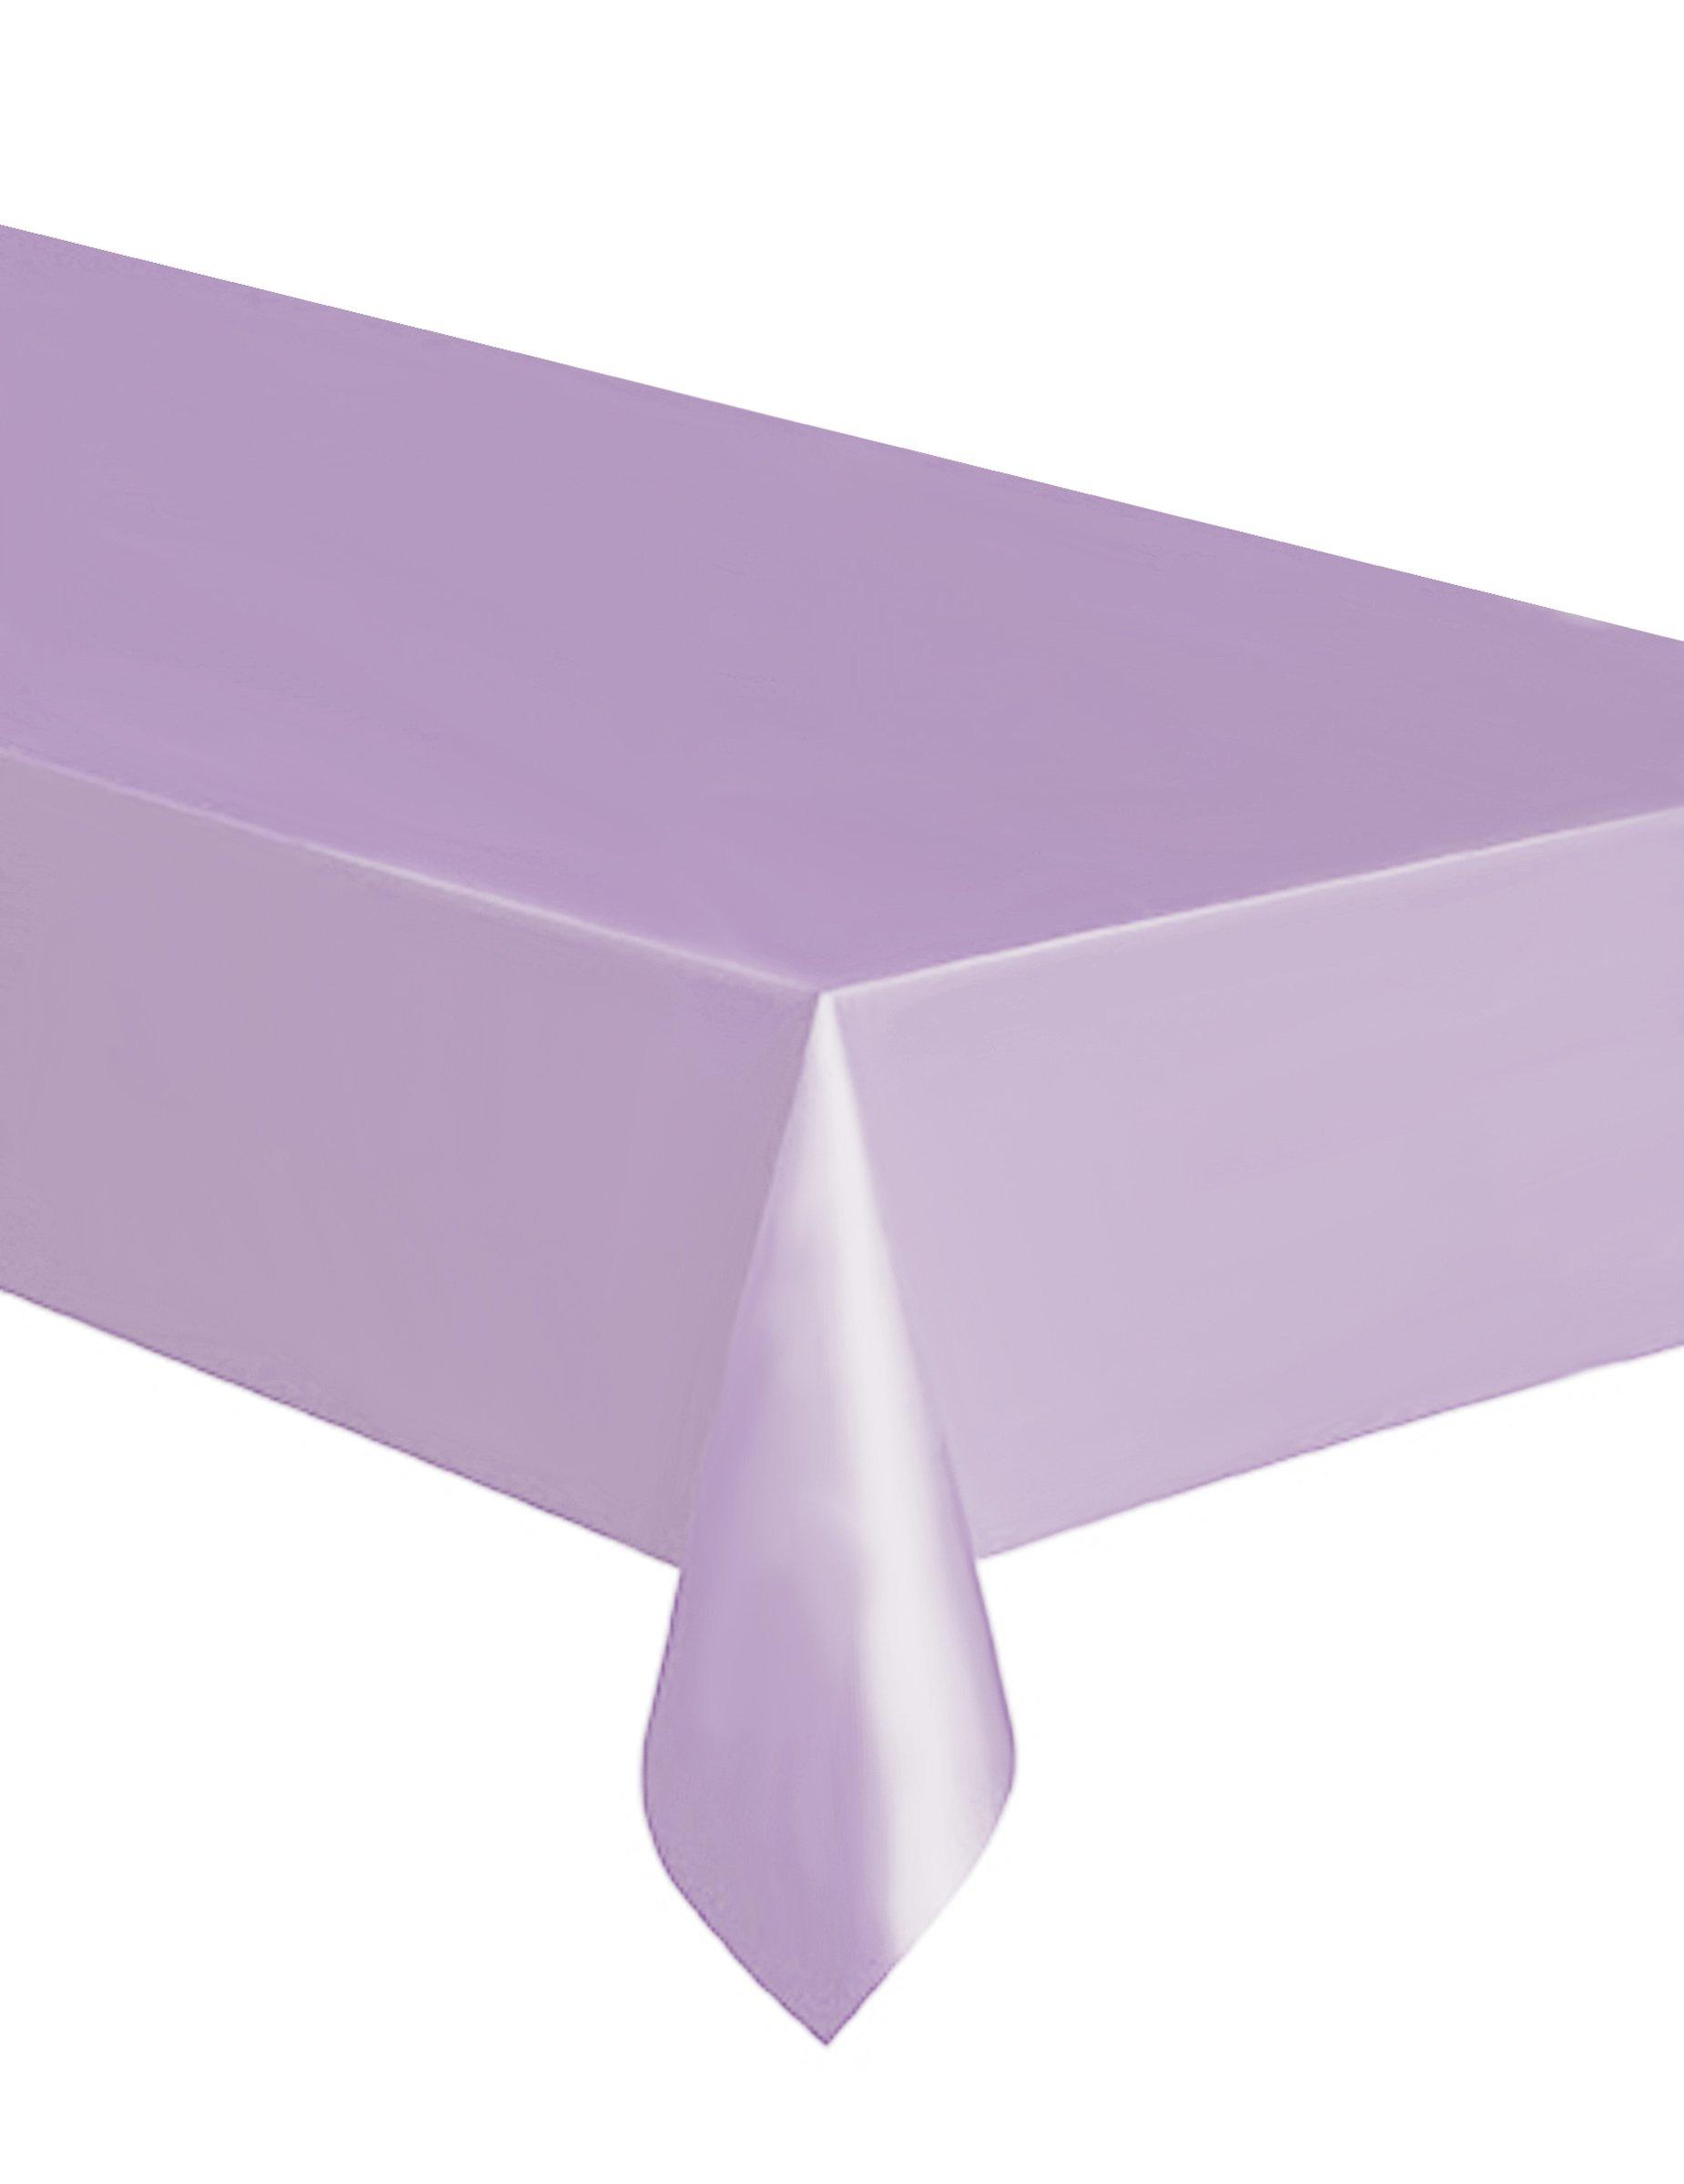 nappe rectangulaire en plastique lavande 137 x 274 cm d coration anniversaire et f tes th me. Black Bedroom Furniture Sets. Home Design Ideas